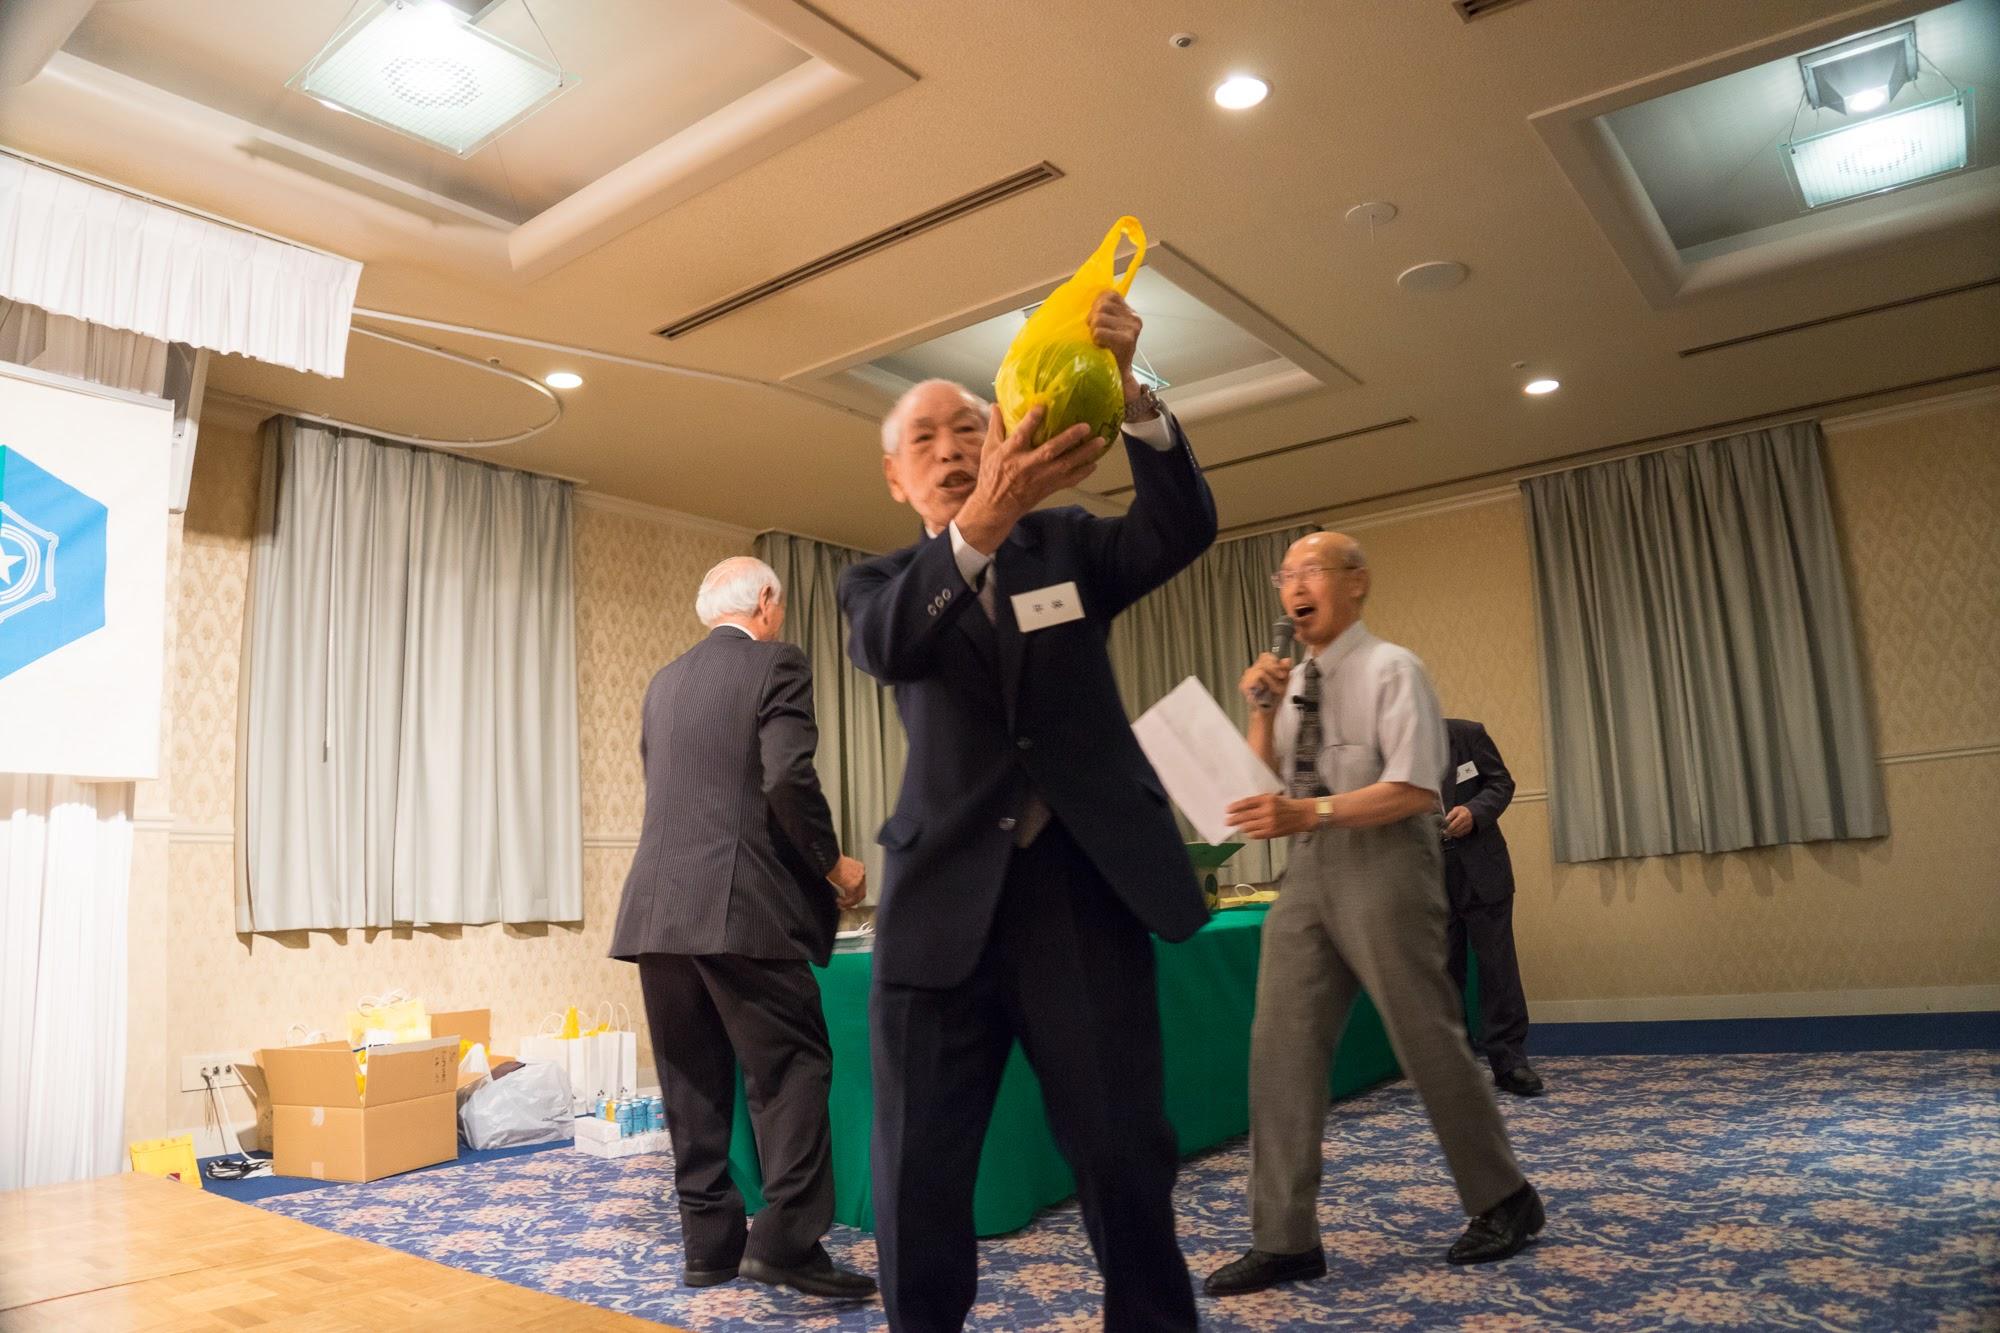 佐野豊町長の抽選による「メロン&スイカ」のプレゼント